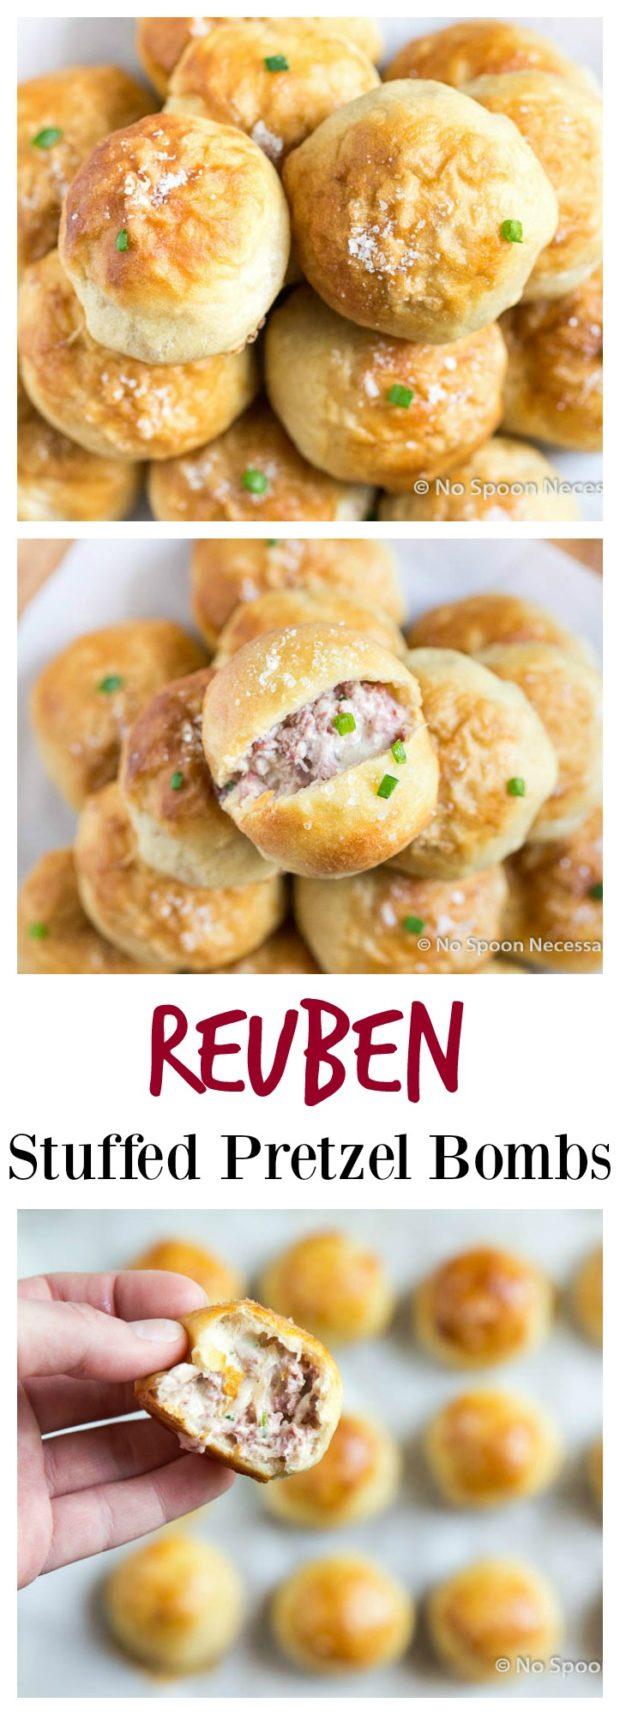 reuben stuffed preztel bombs long pin2